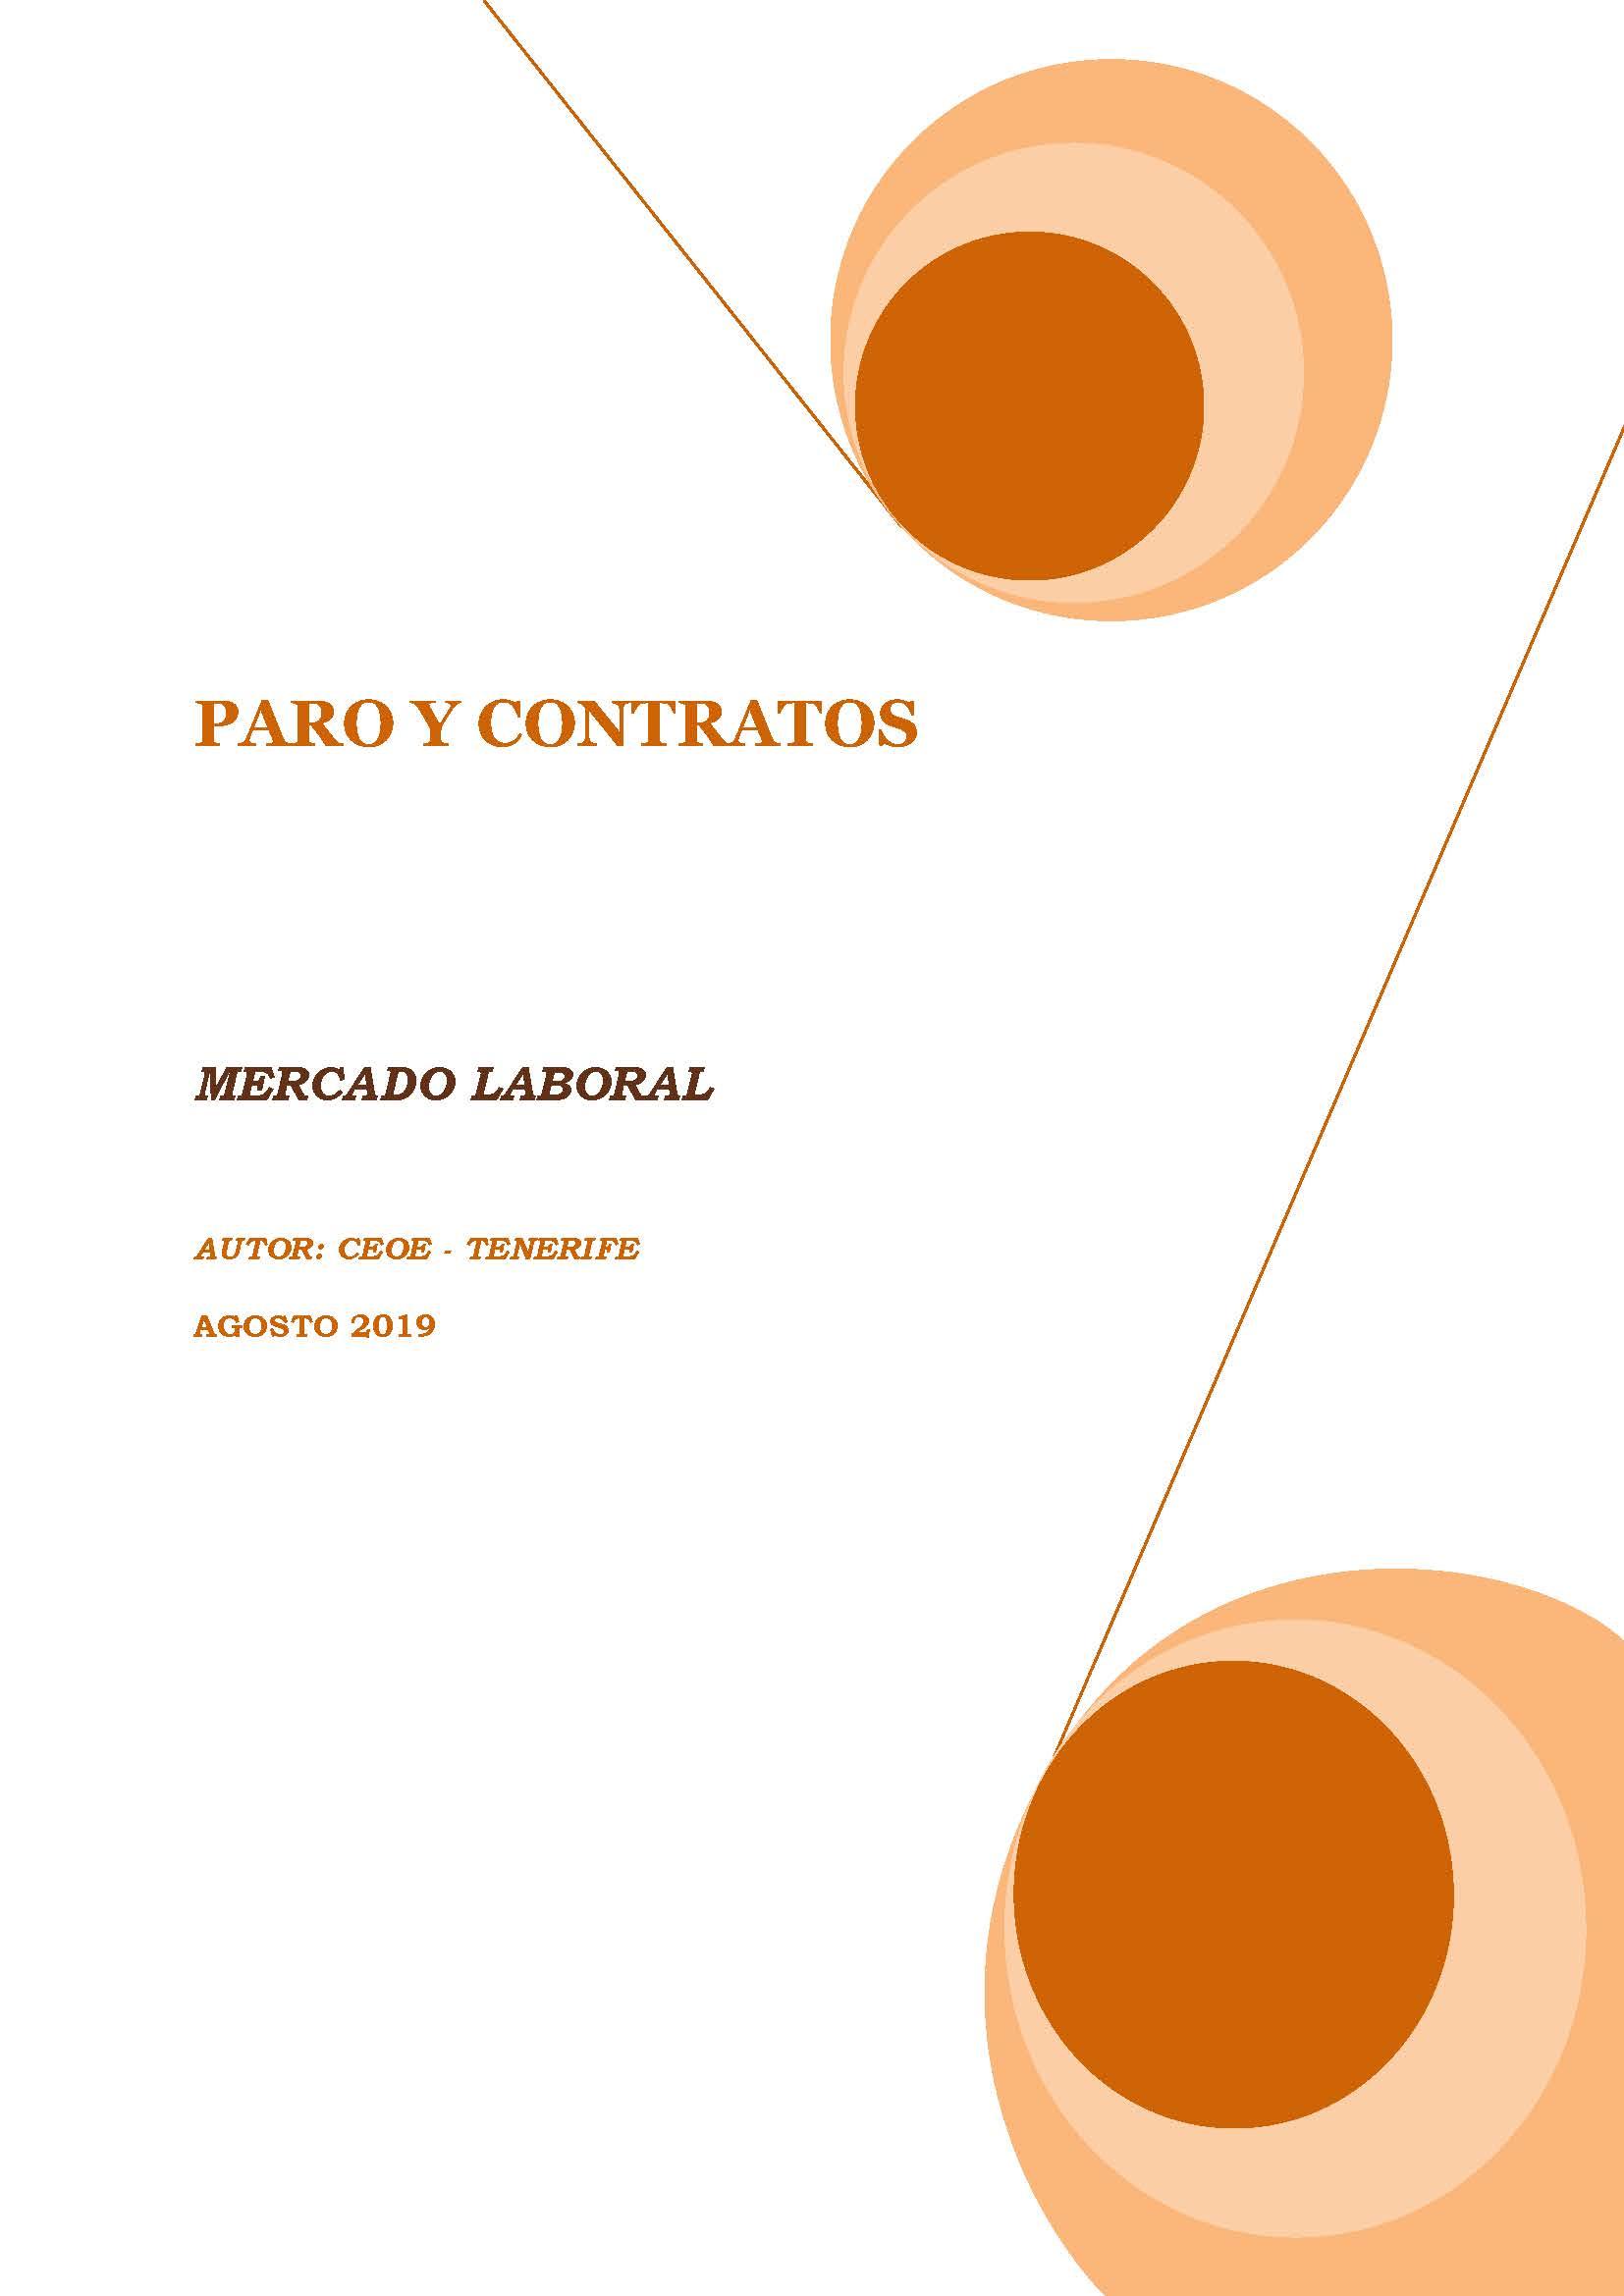 MERCADO LABORAL - PARO Y CONTRATOS AGOSTO 2019